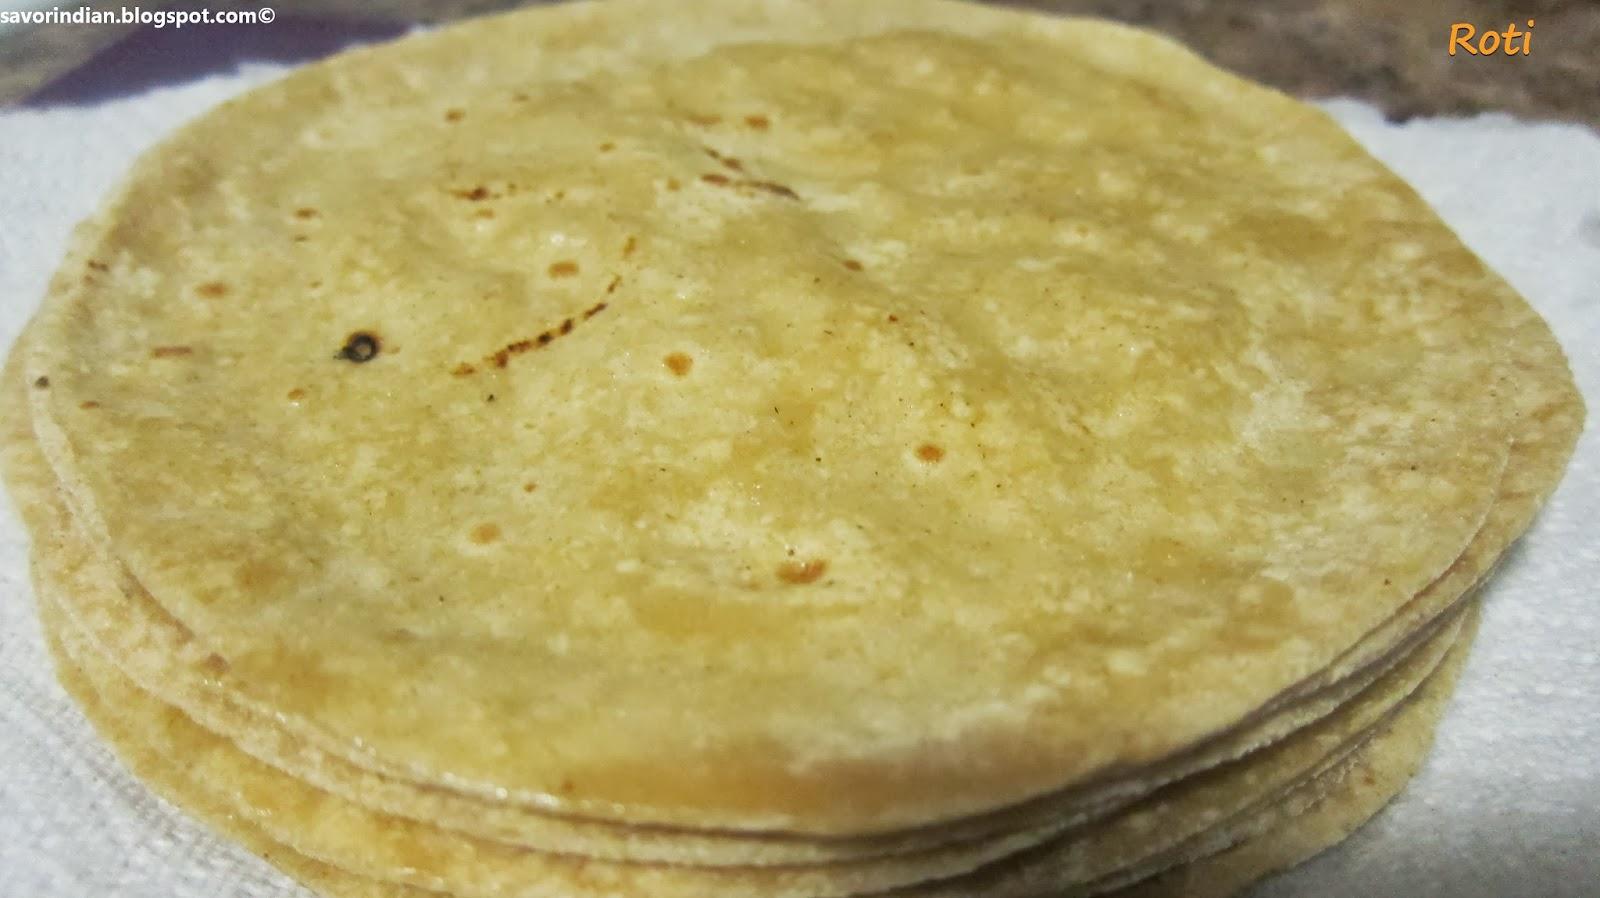 Squishy Recipe : Phulka /Soft Roti/Chapati/Indian Bread Recipe - Indian fare and more...